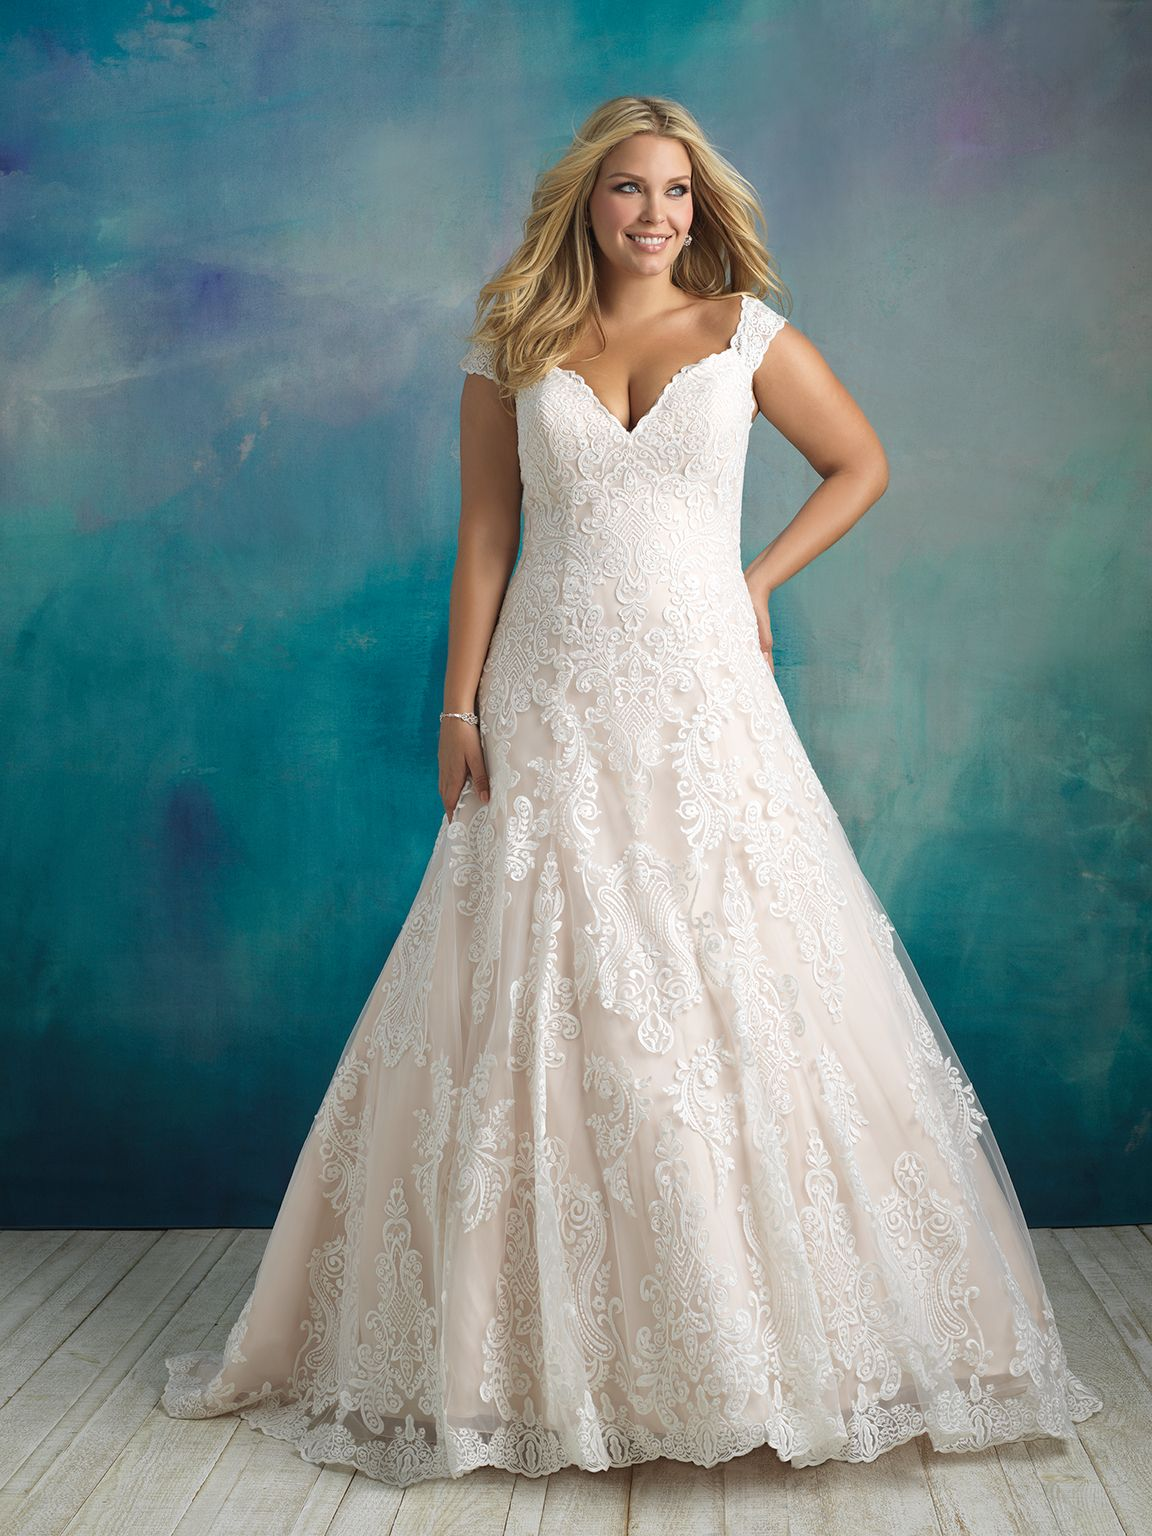 Ziemlich Vintage Brautkleider San Diego Ideen - Brautkleider Ideen ...